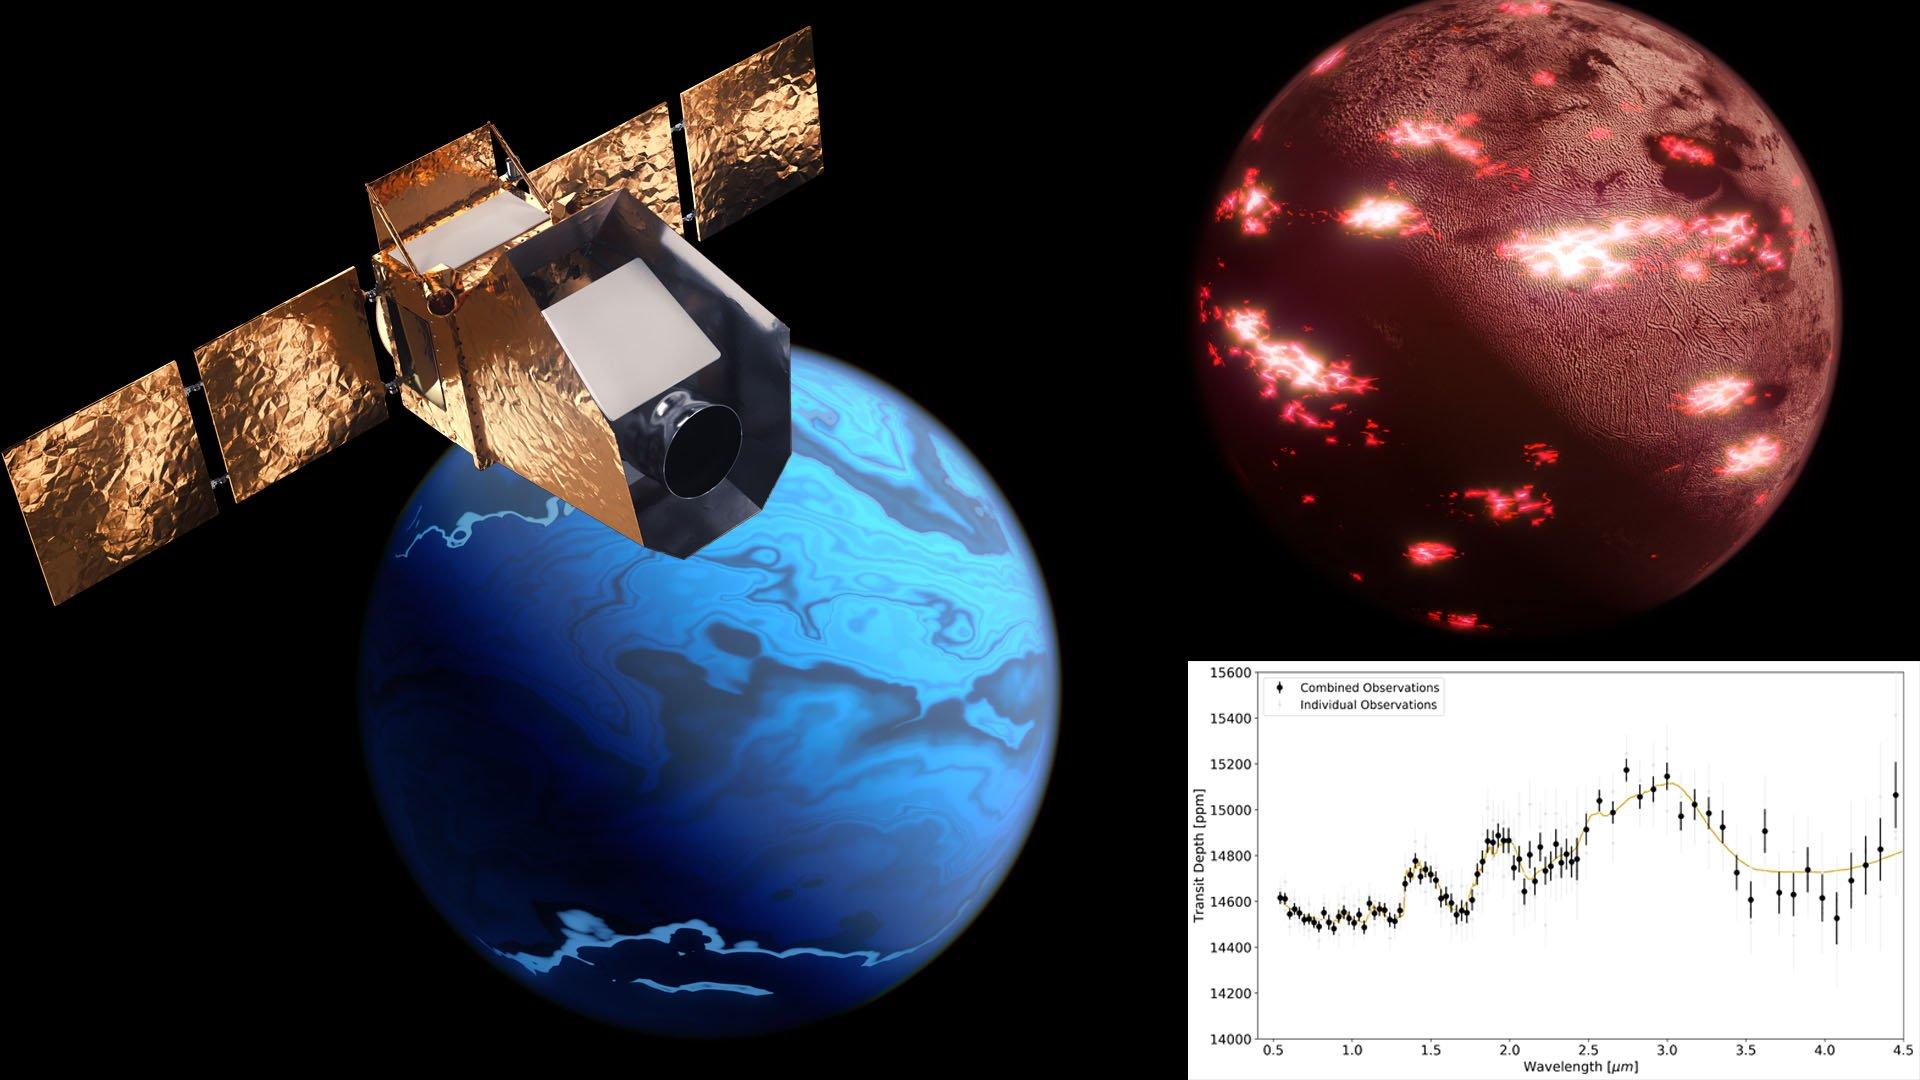 طرحی گرافیکی از تلسکوپ فضایی تویینکل